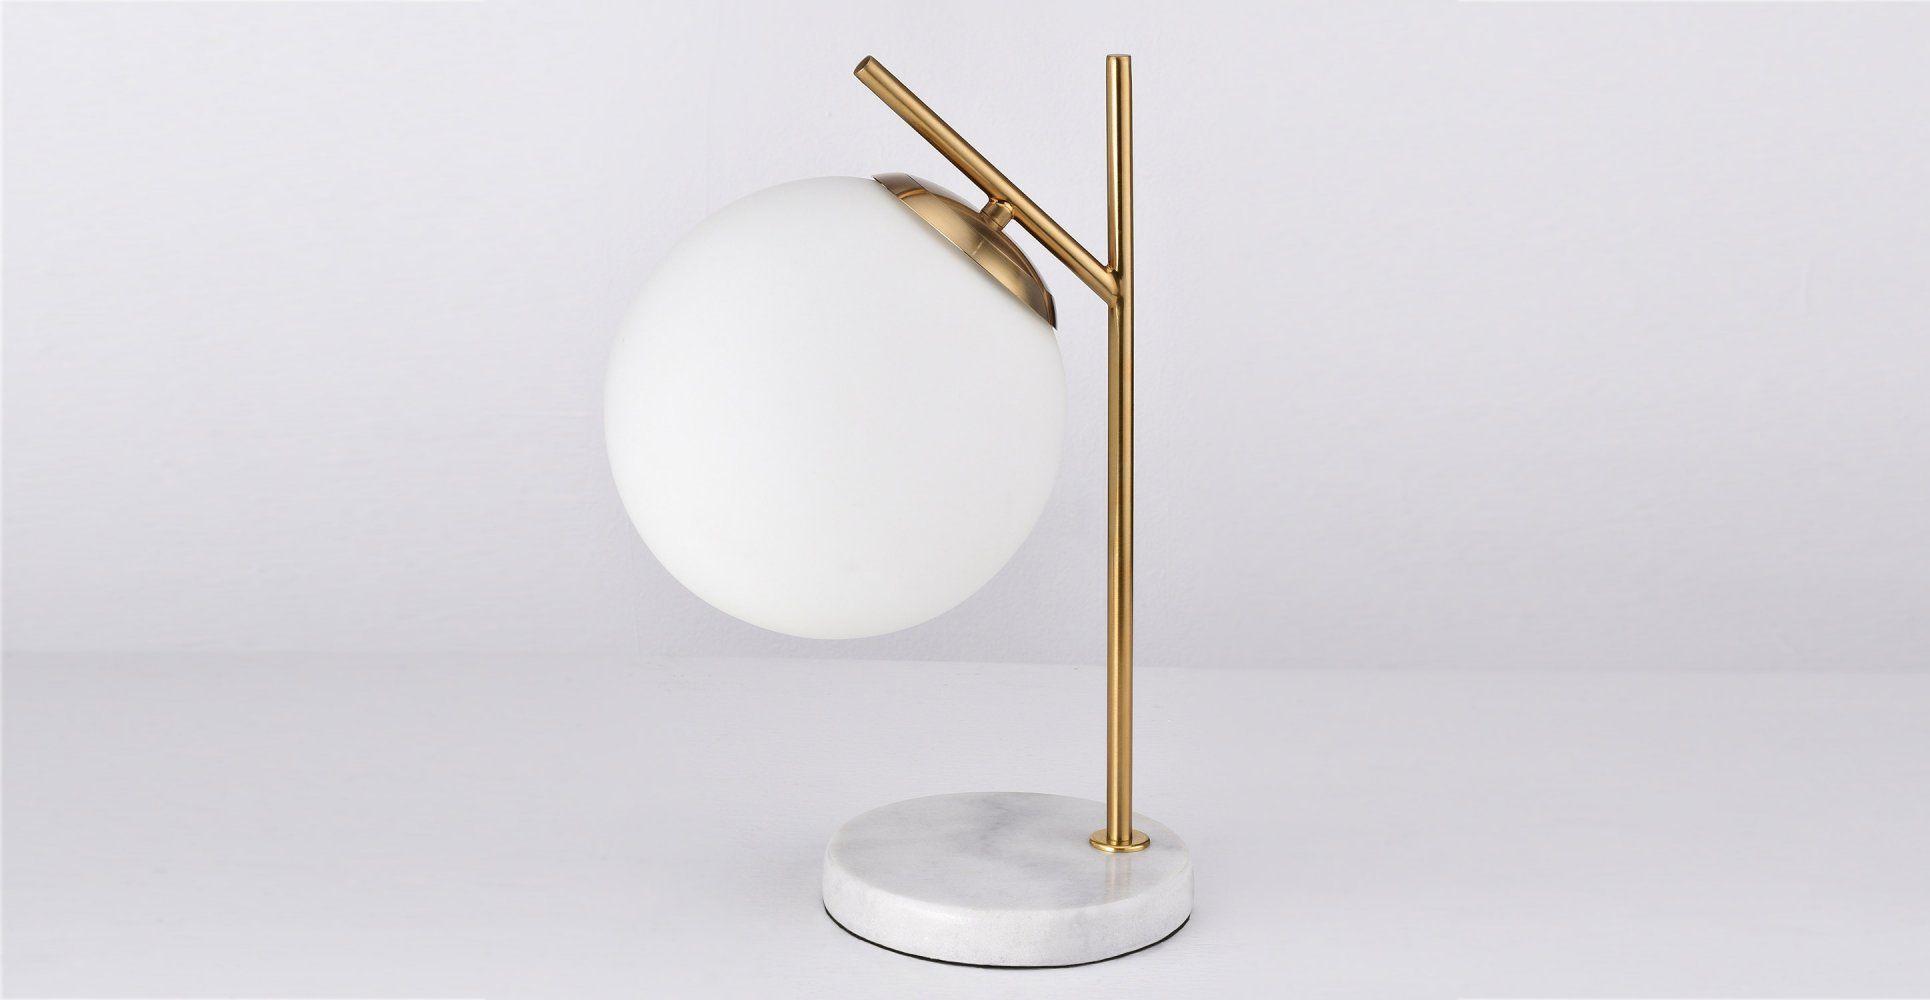 Opale Lampe De Table Sphere Blanche Marbre Laiton Lampe De Bureau Luminaire Lampes De Table